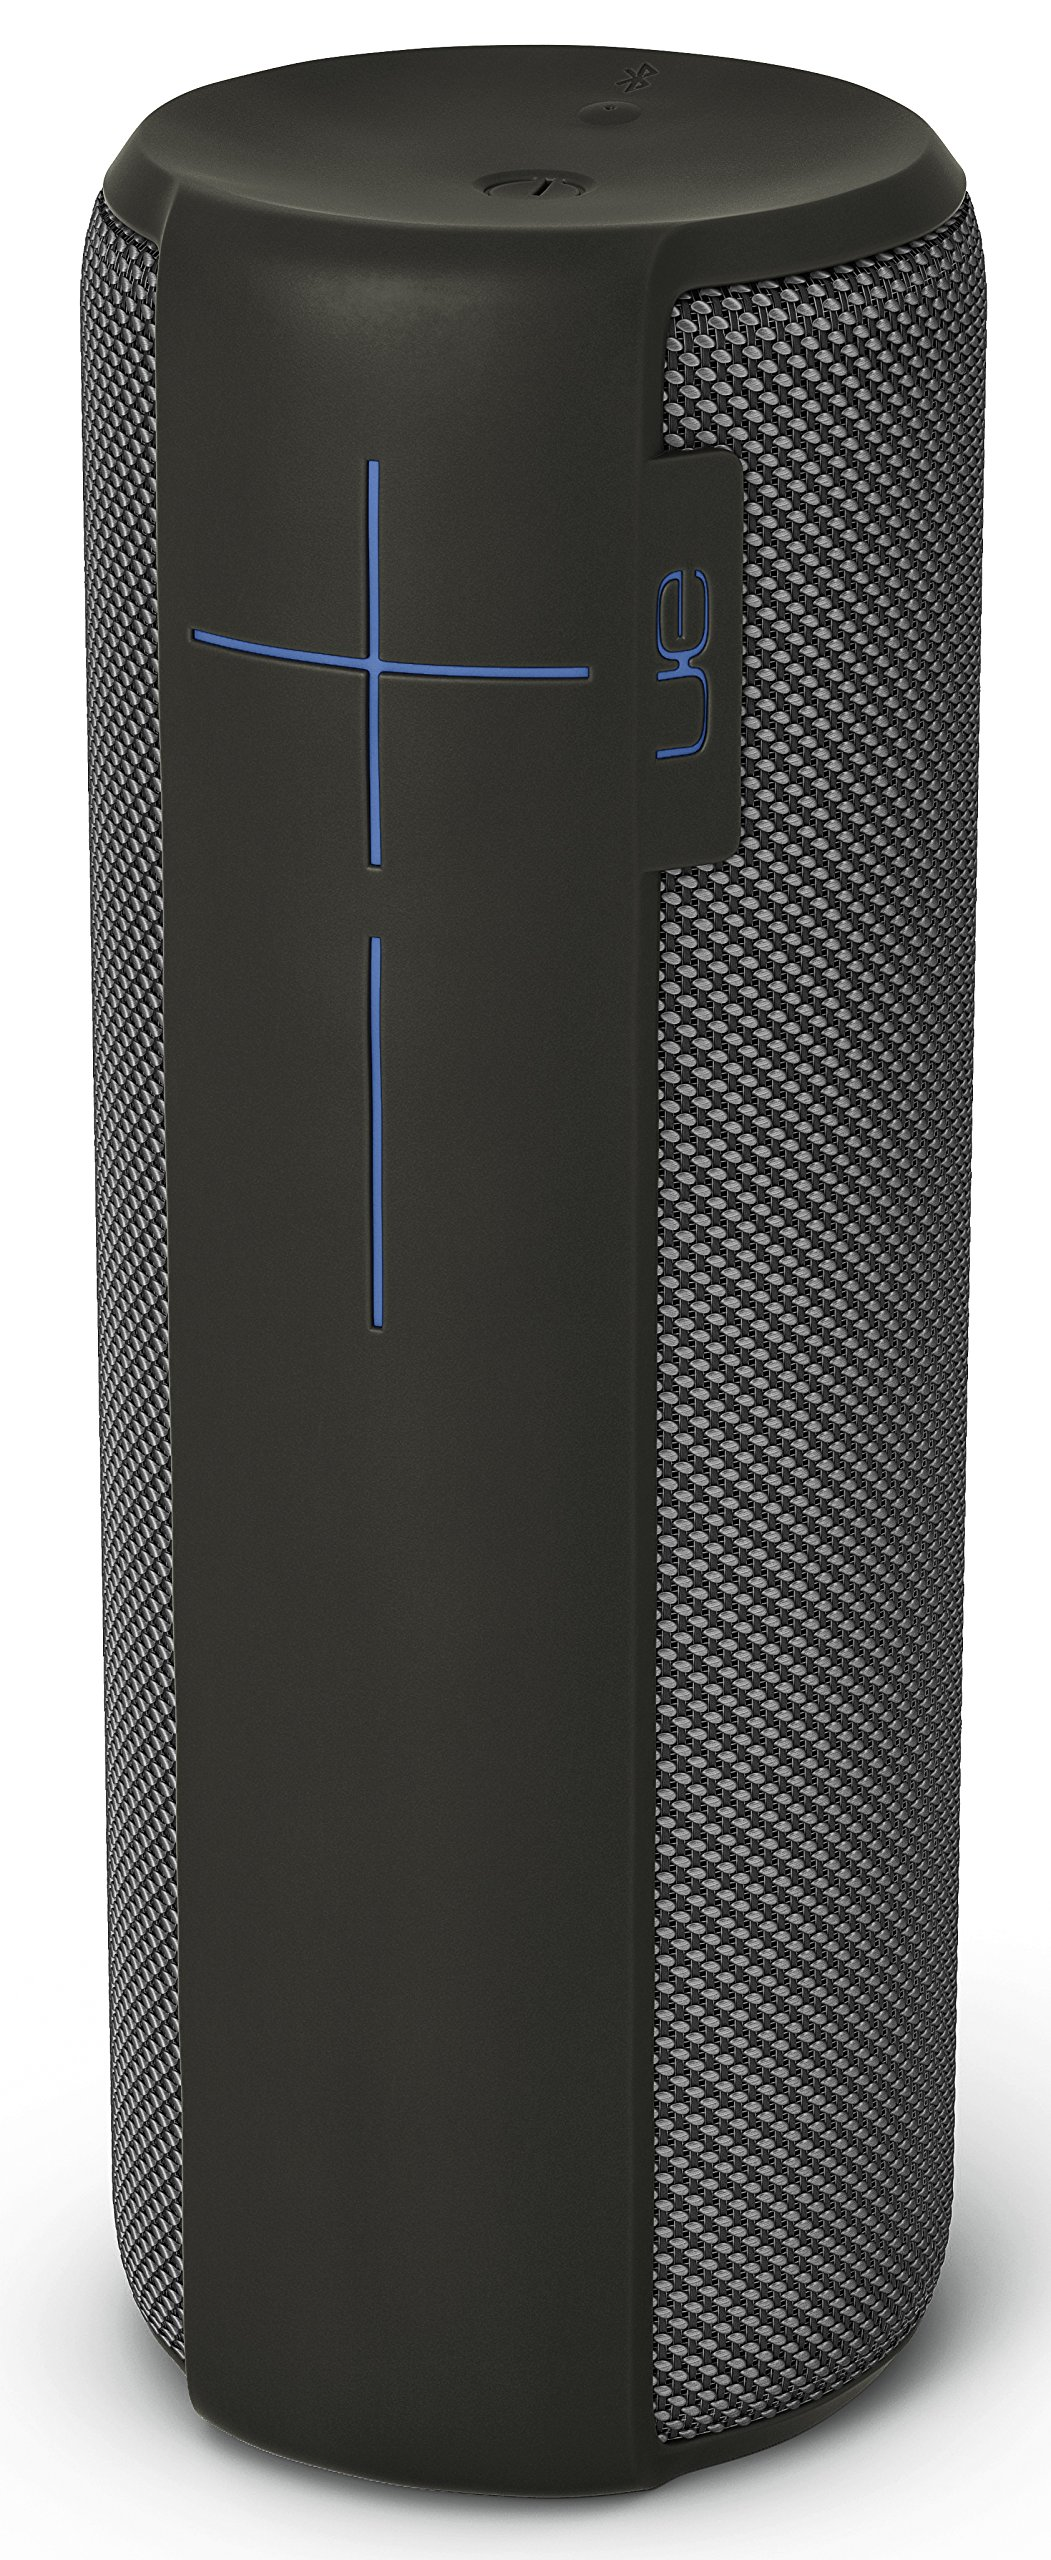 UE MEGABOOM Charcoal Black Wireless Mobile Bluetooth Speaker (Waterproof and Shockproof) by Ultimate Ears (Image #3)